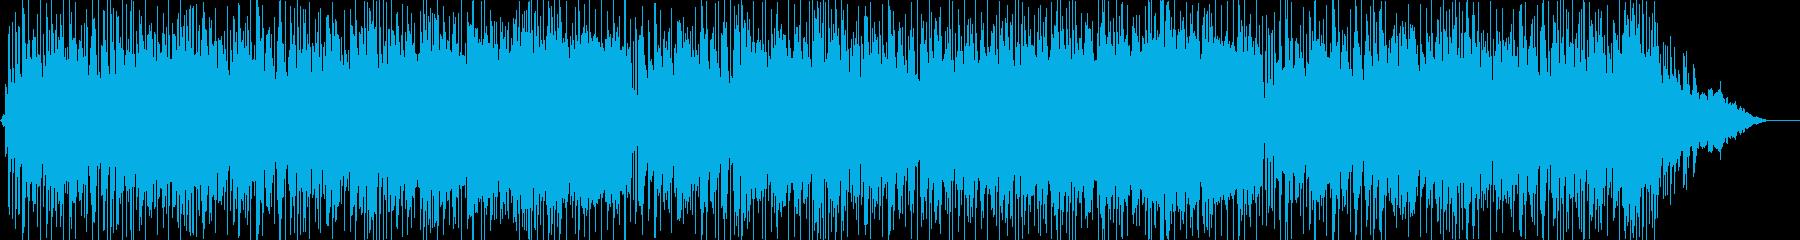 琴&尺八のBGM [和風テイスト] の再生済みの波形